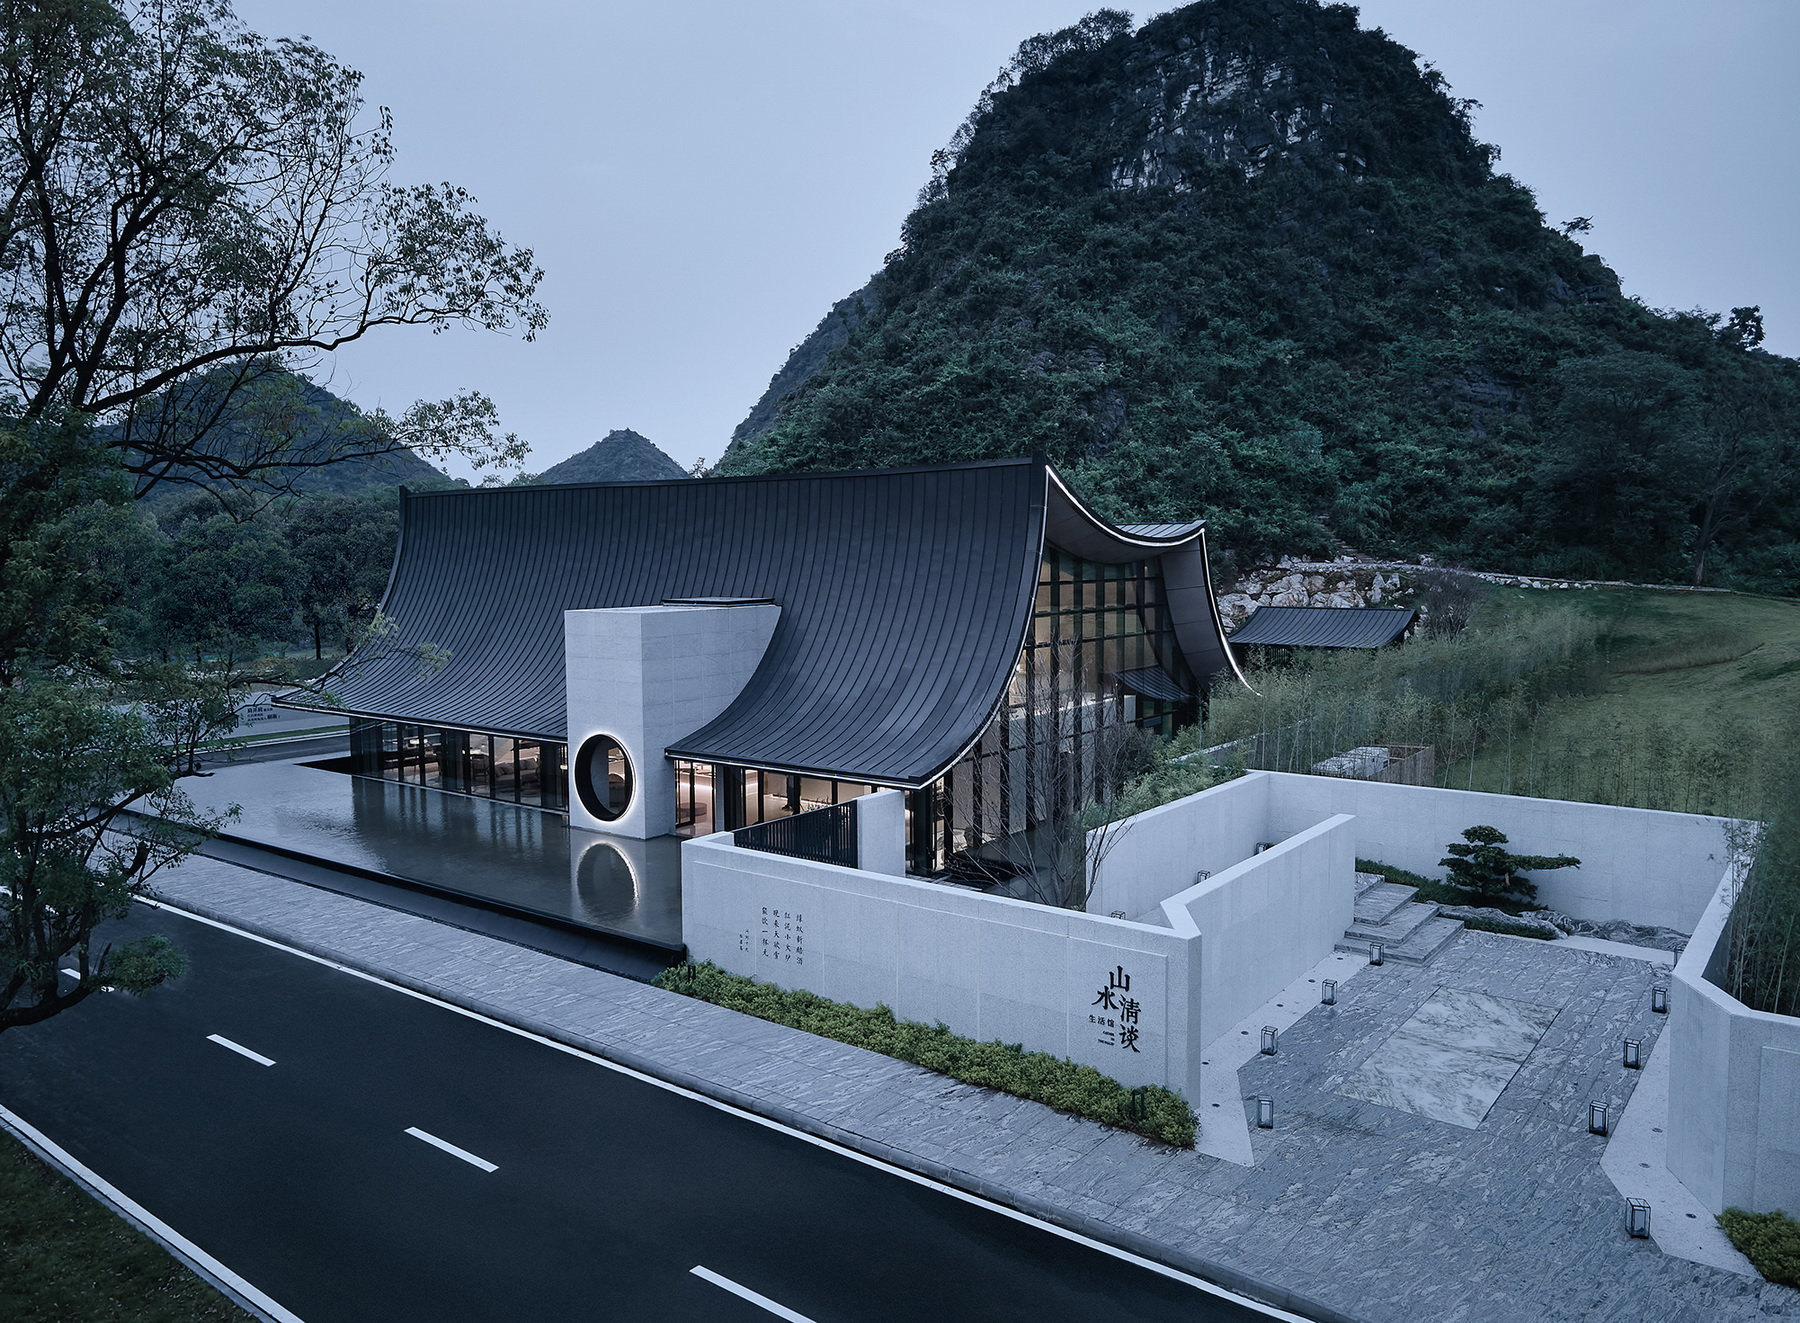 桂林阳光100·围炉山谷 建筑设计  /  骏地设计